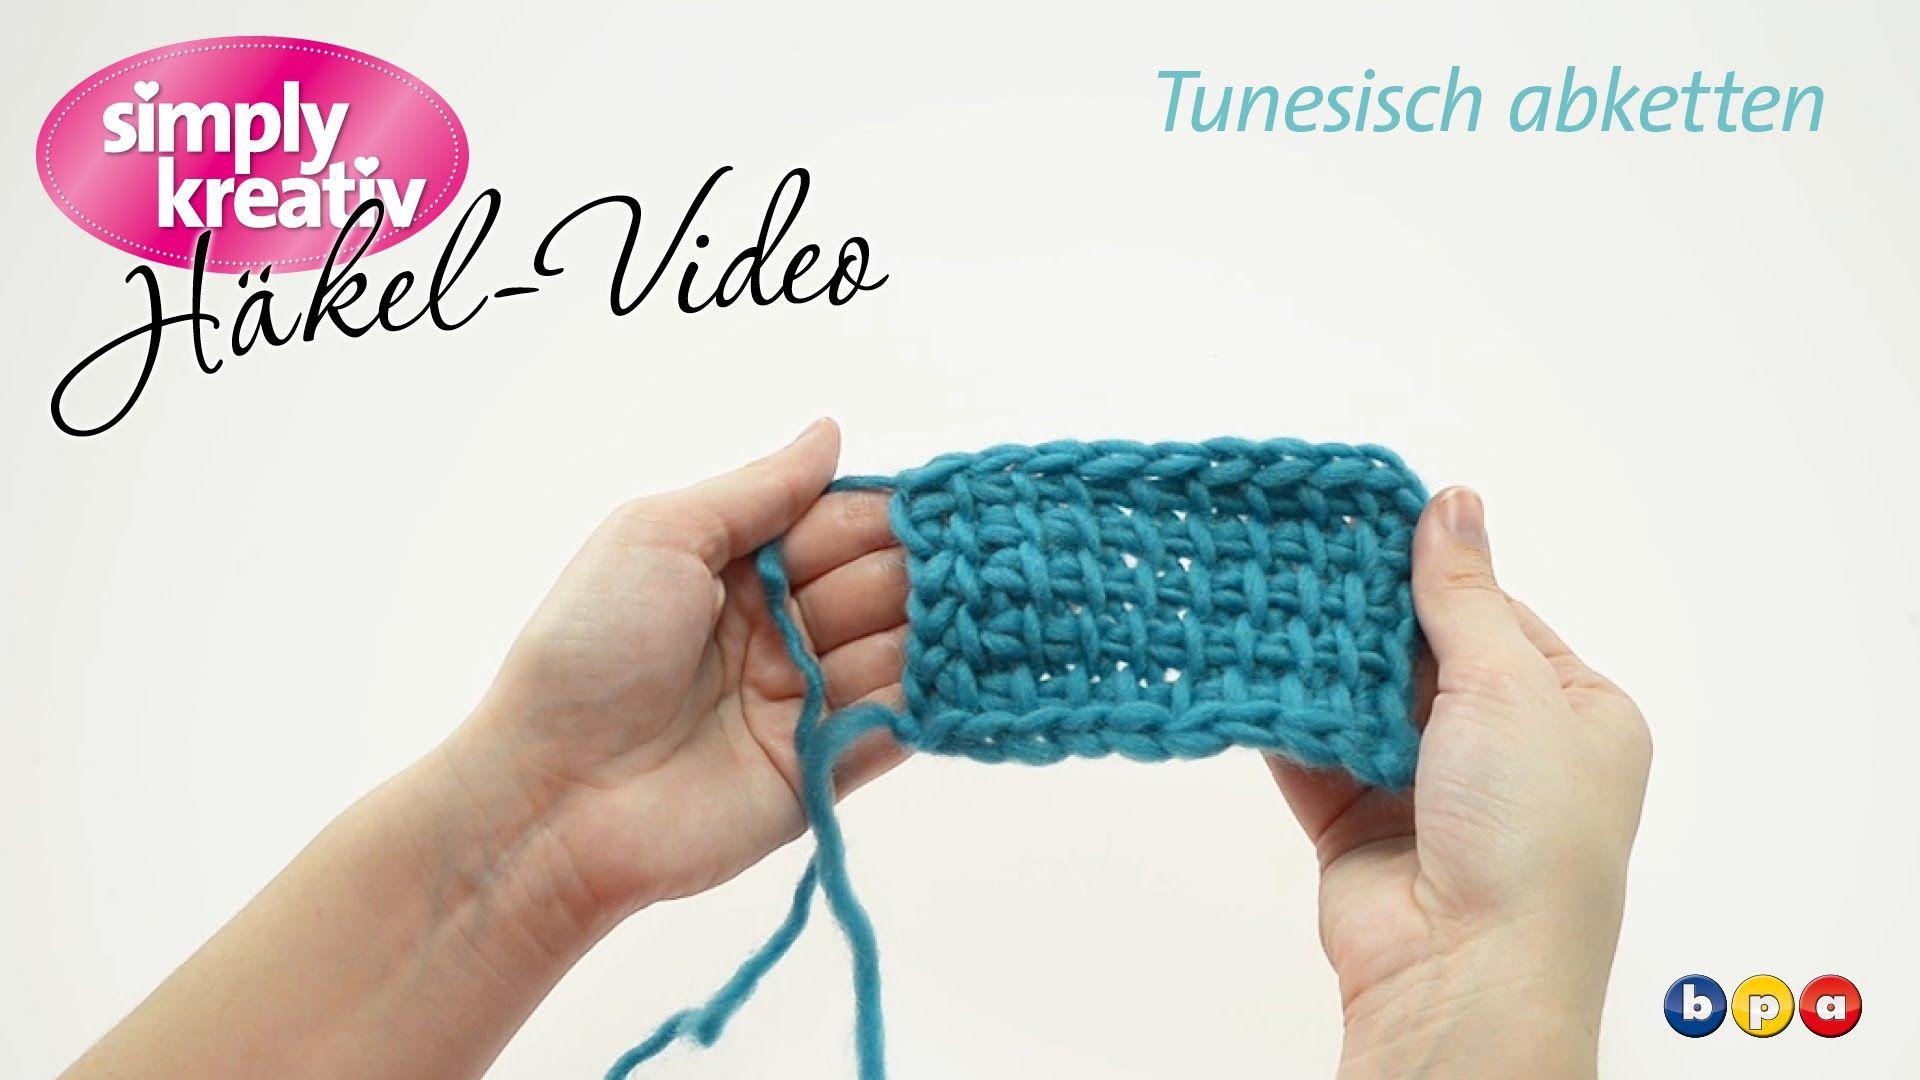 Häkelvideo: Tunesisch abketten - YouTube | Häkeln | Pinterest ...